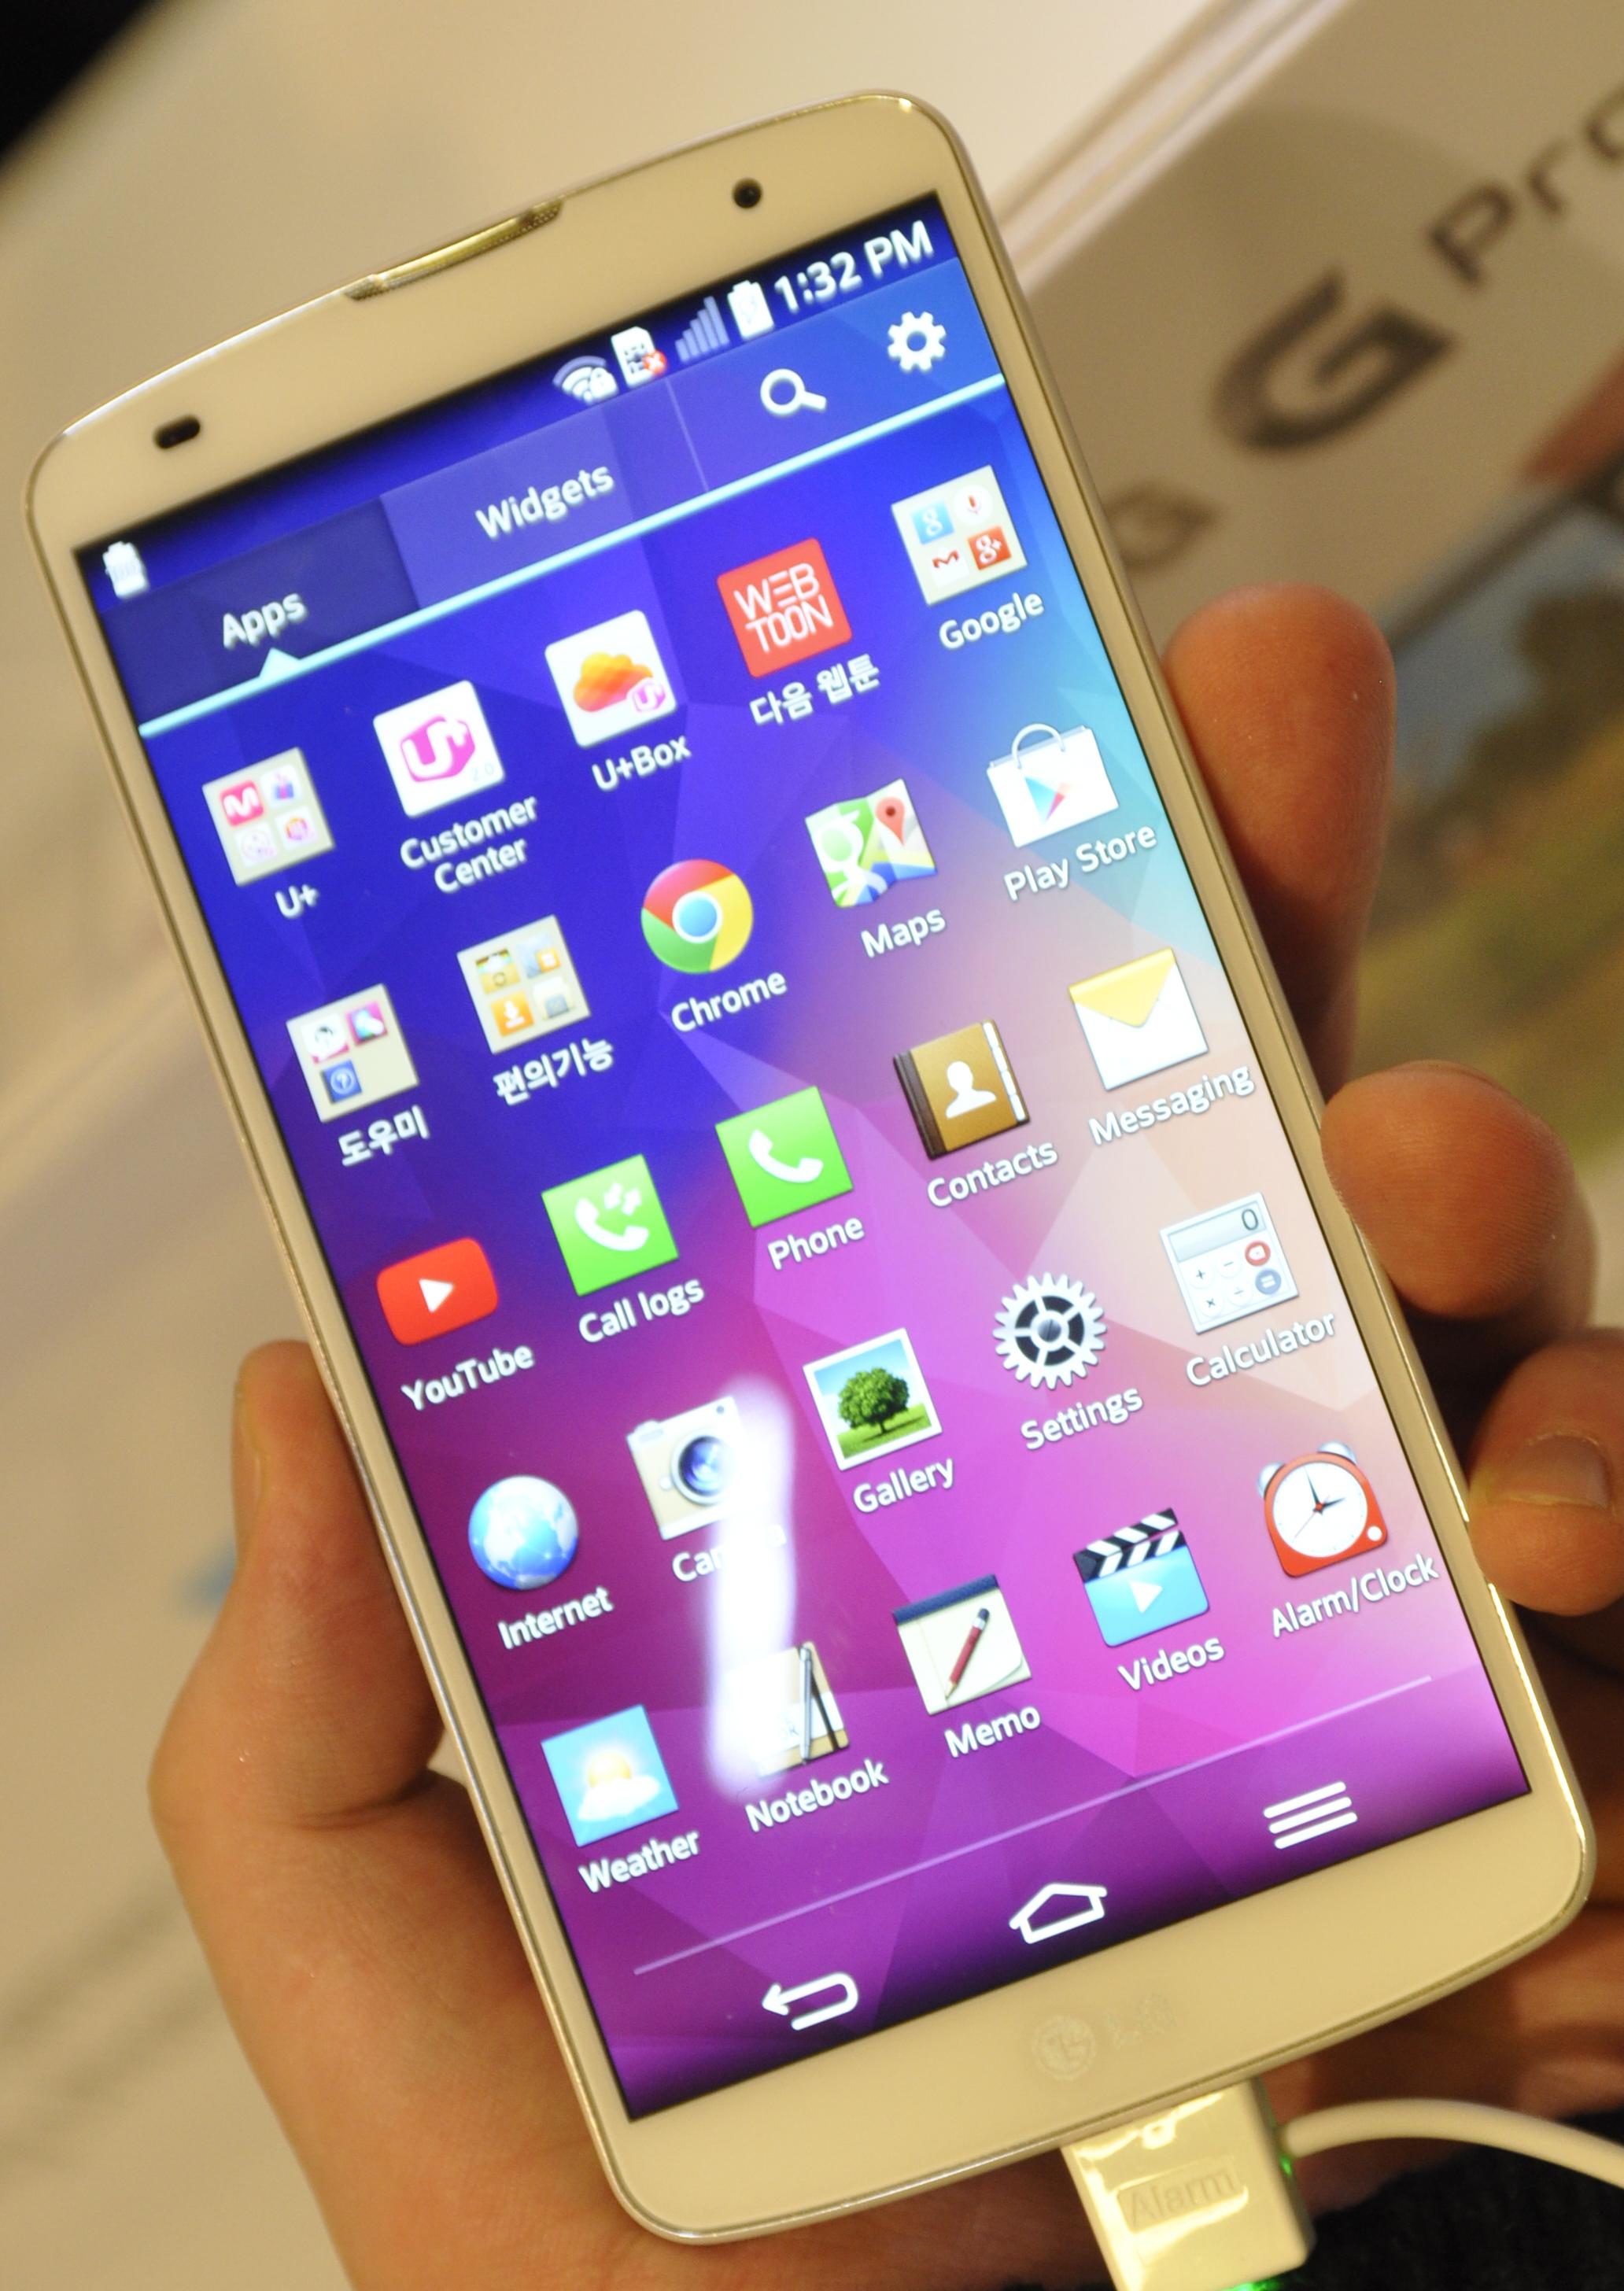 Slik ser Android-menyene ut, med LGs tilpasninger.Foto: Finn Jarle Kvalheim, Amobil.no